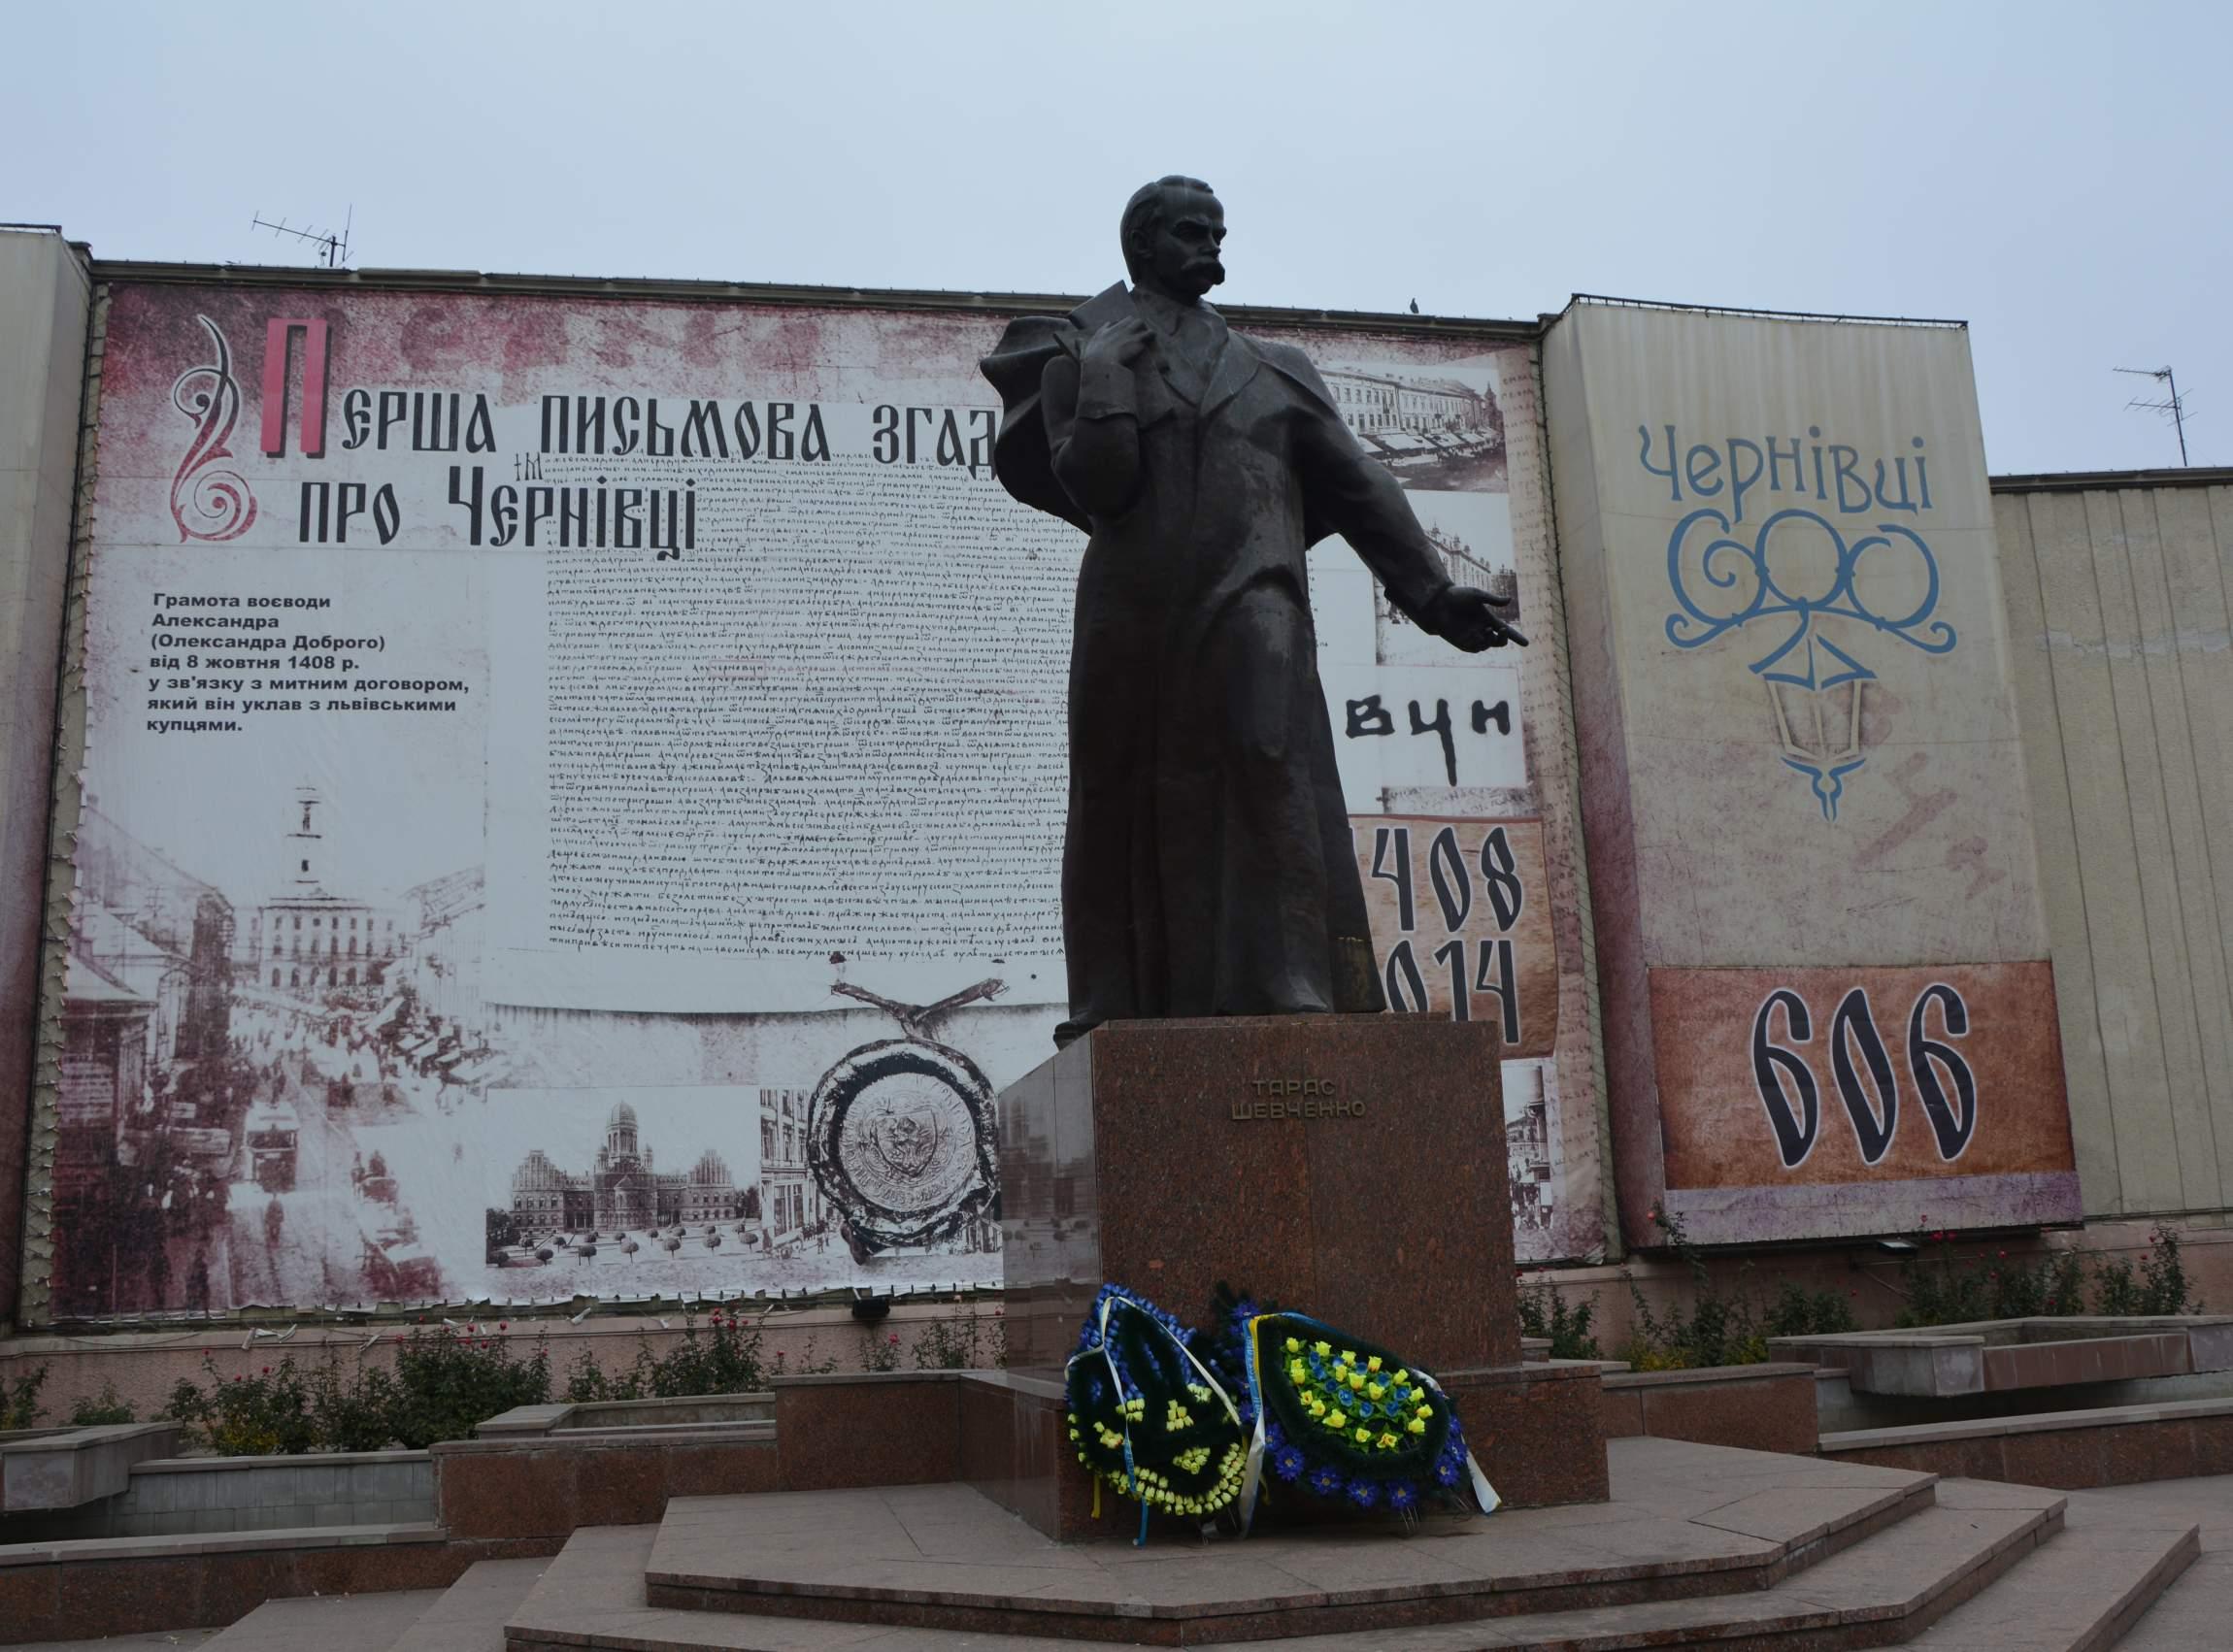 Denkmal für Tras Schefschenko.